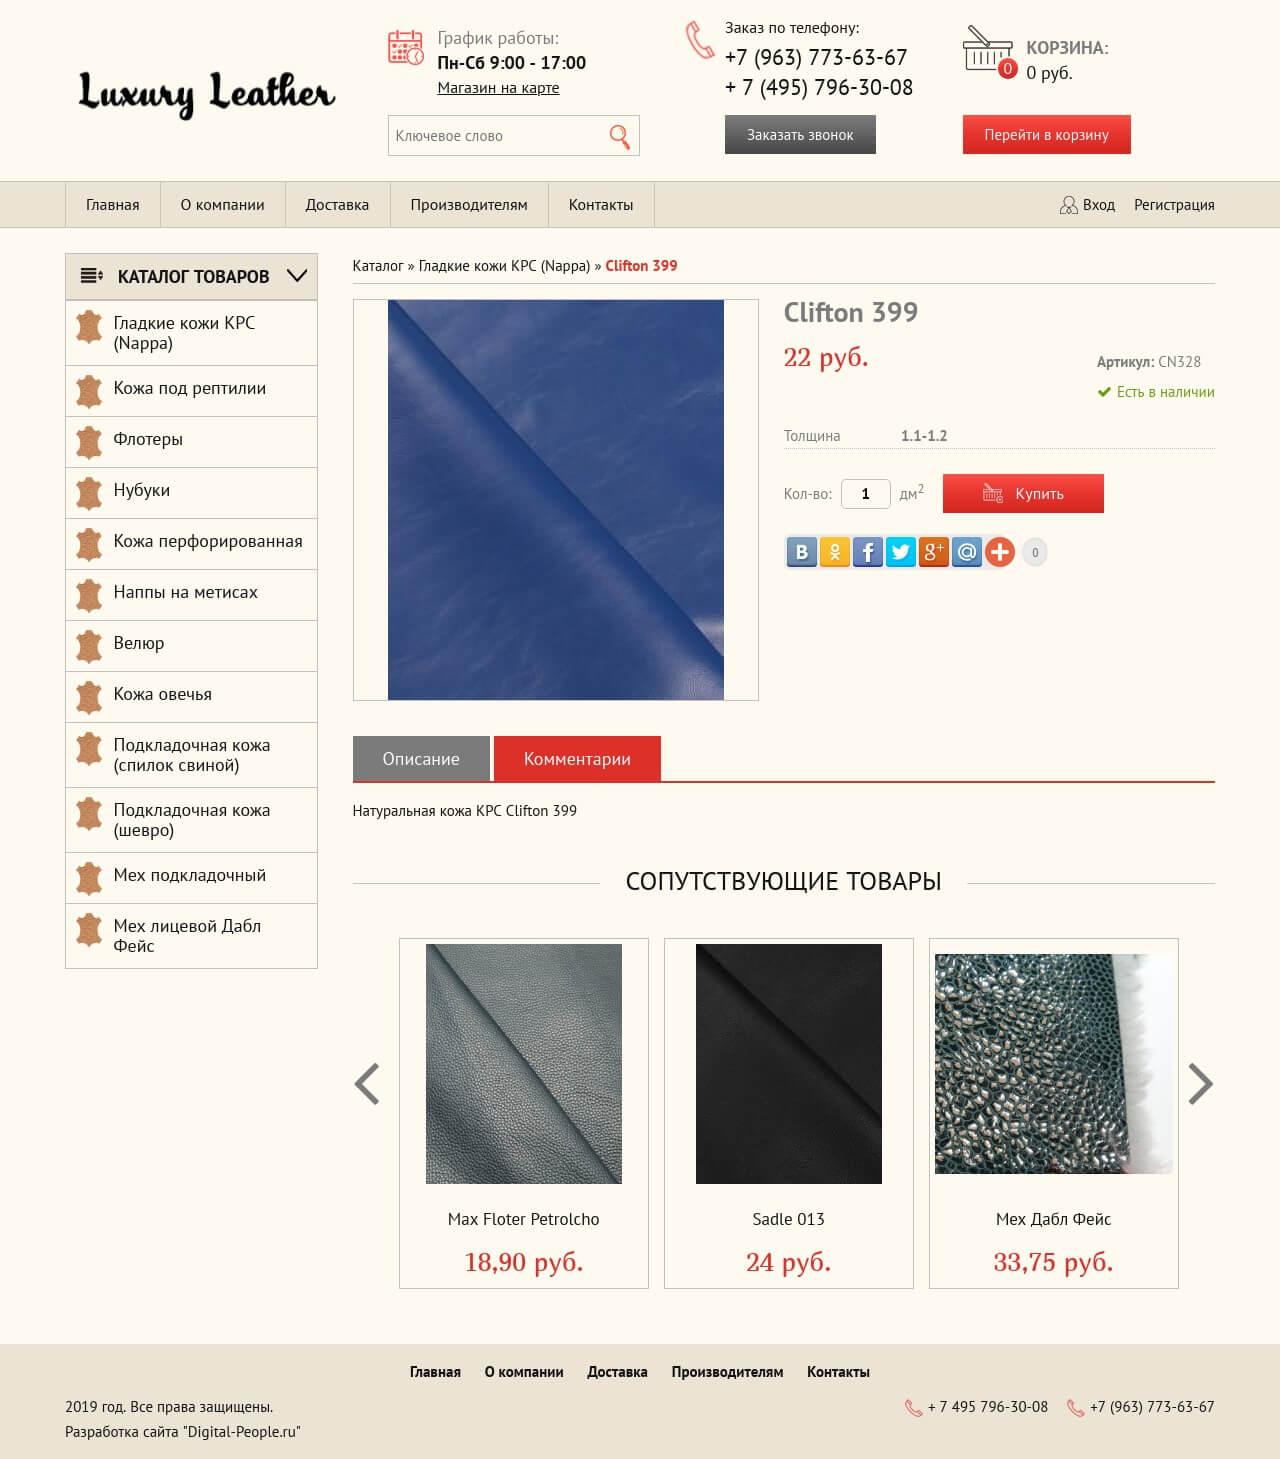 Скрин дизайна интернет магазина